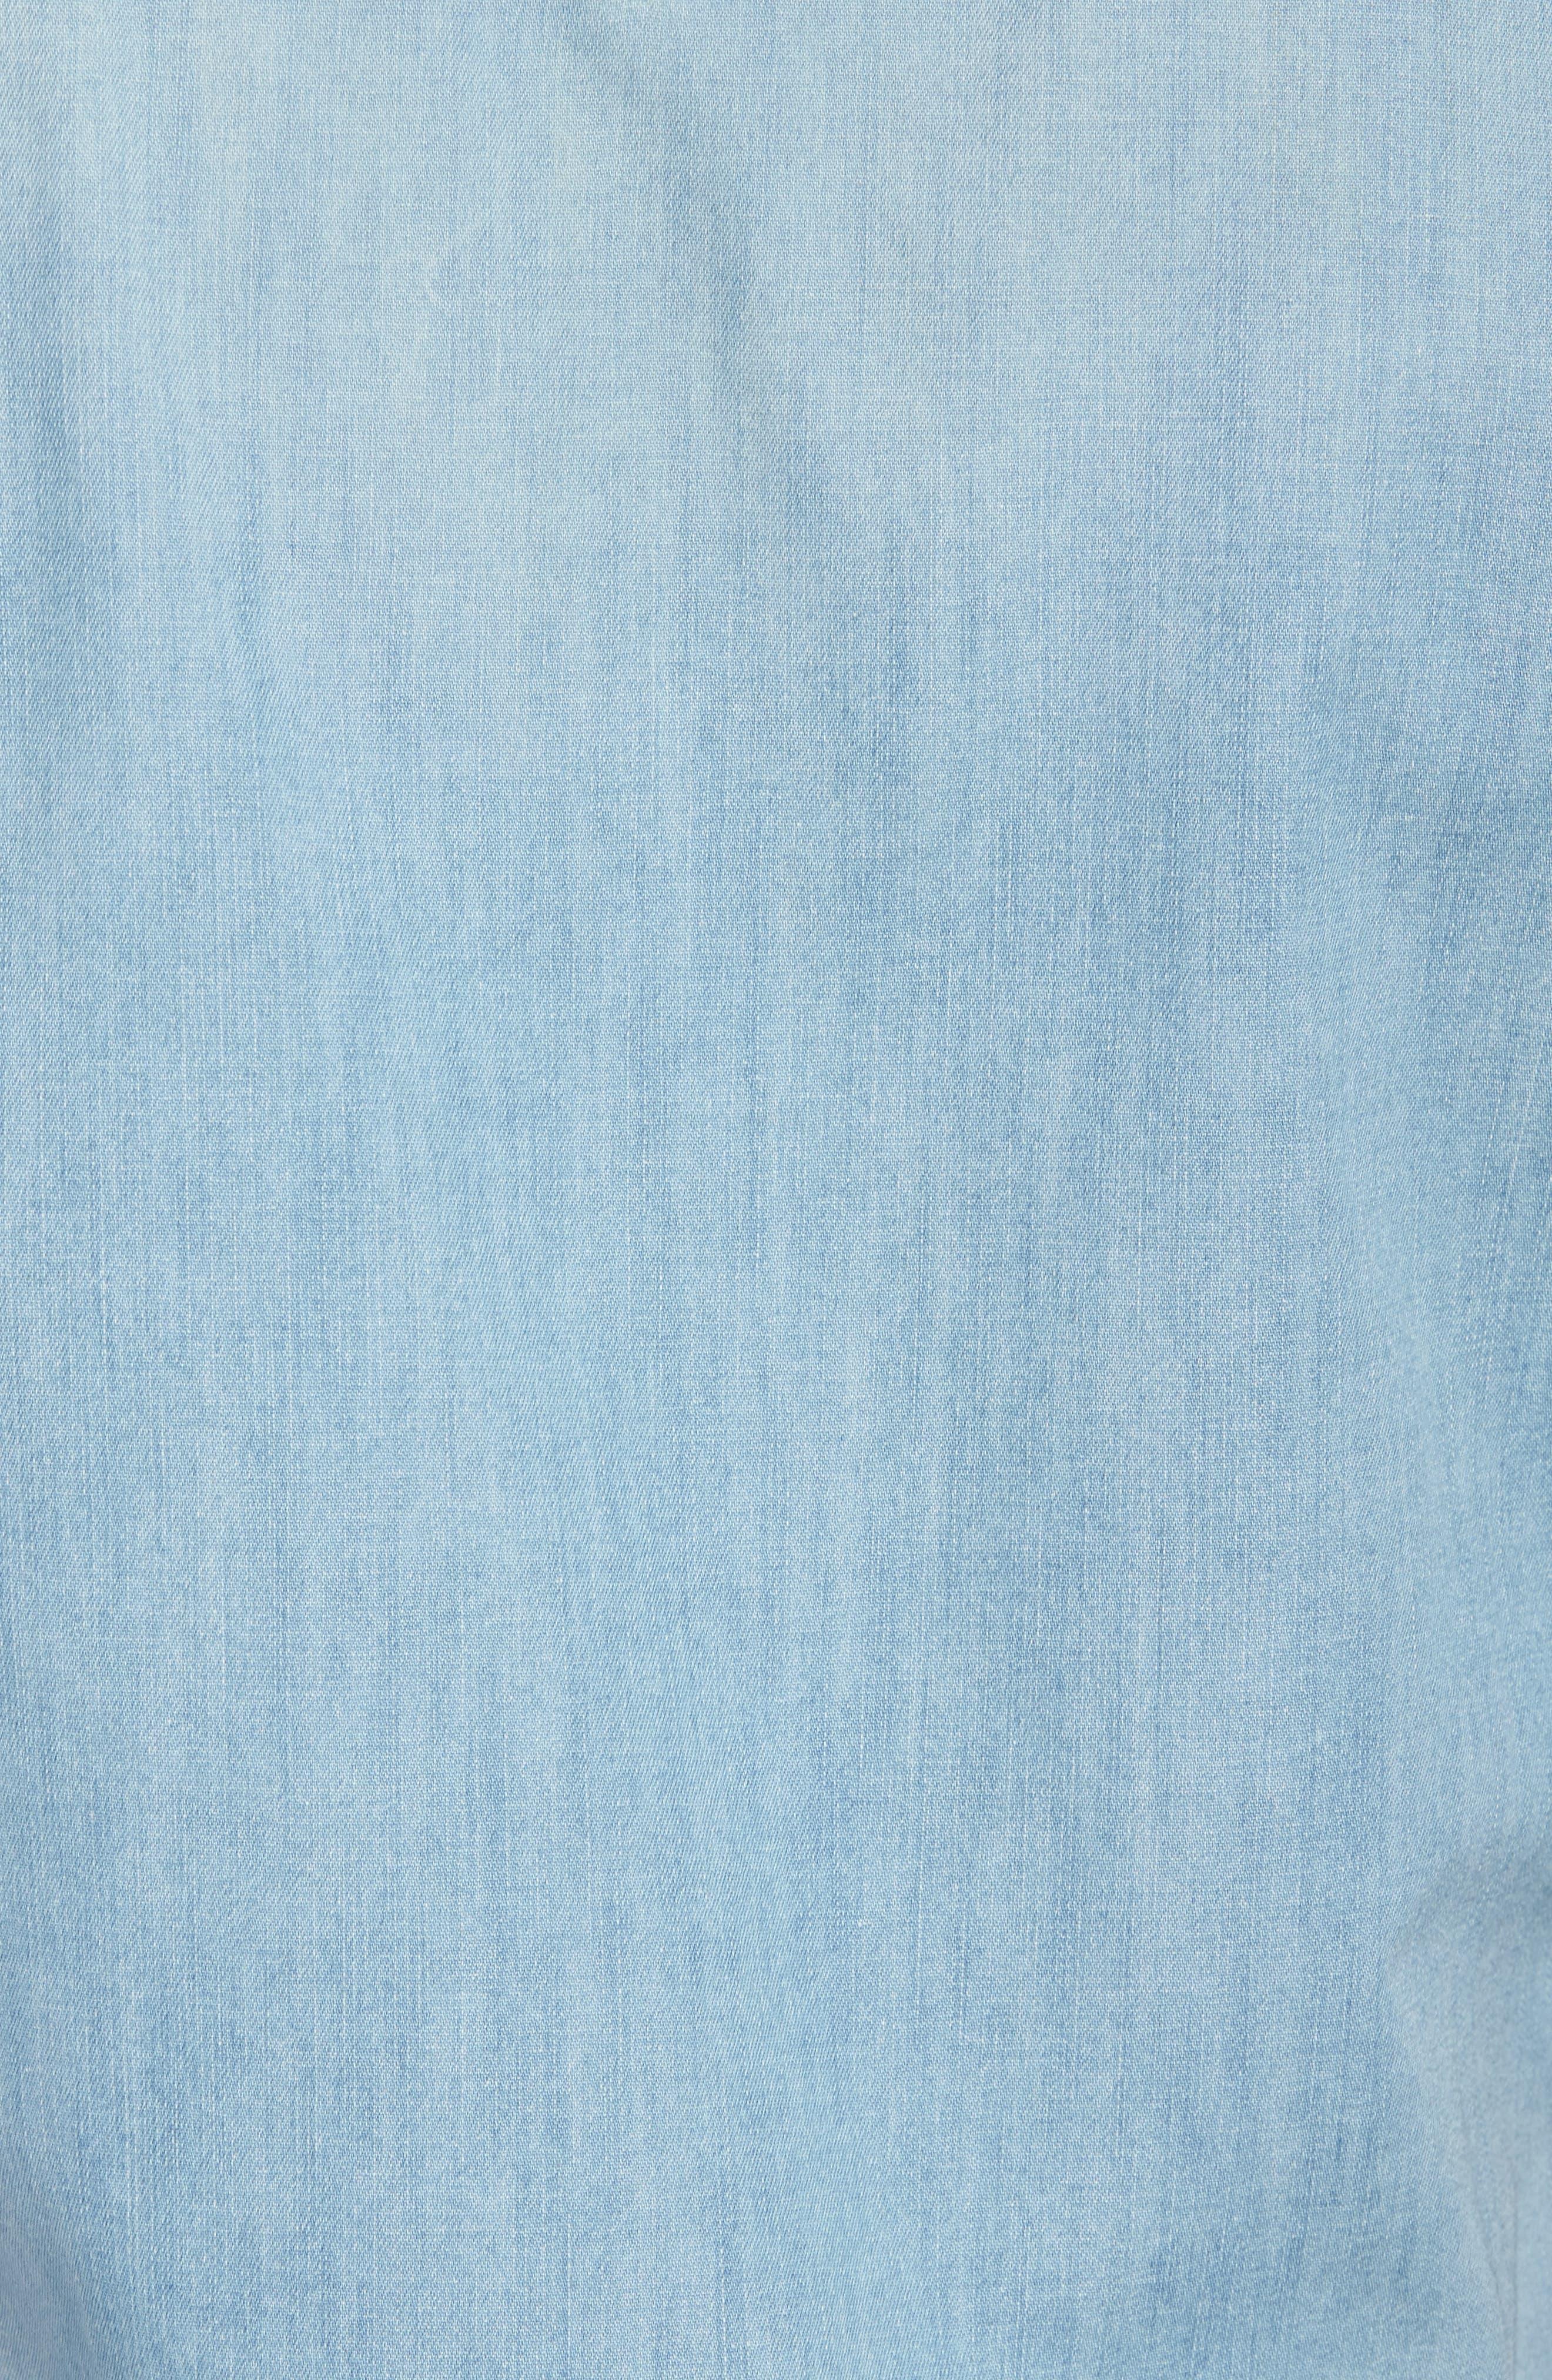 Slim Fit Western Denim Shirt,                             Alternate thumbnail 5, color,                             Blue Light Vintage Wash